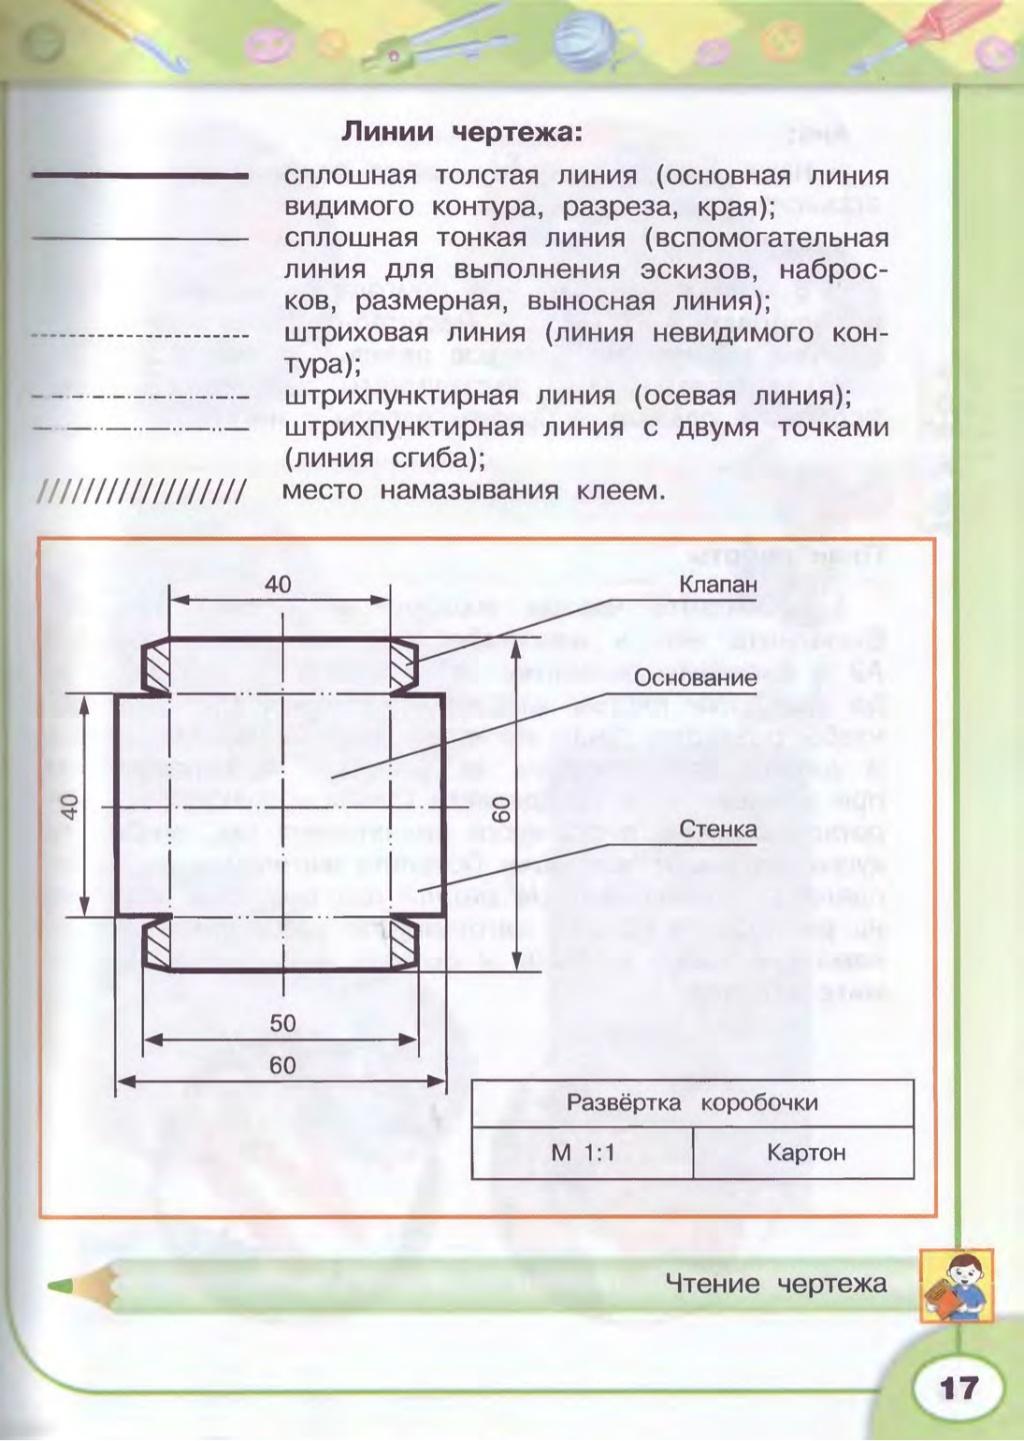 Определить и записать согласно чертежа : длину клапана, основания, стенки (в мм)?